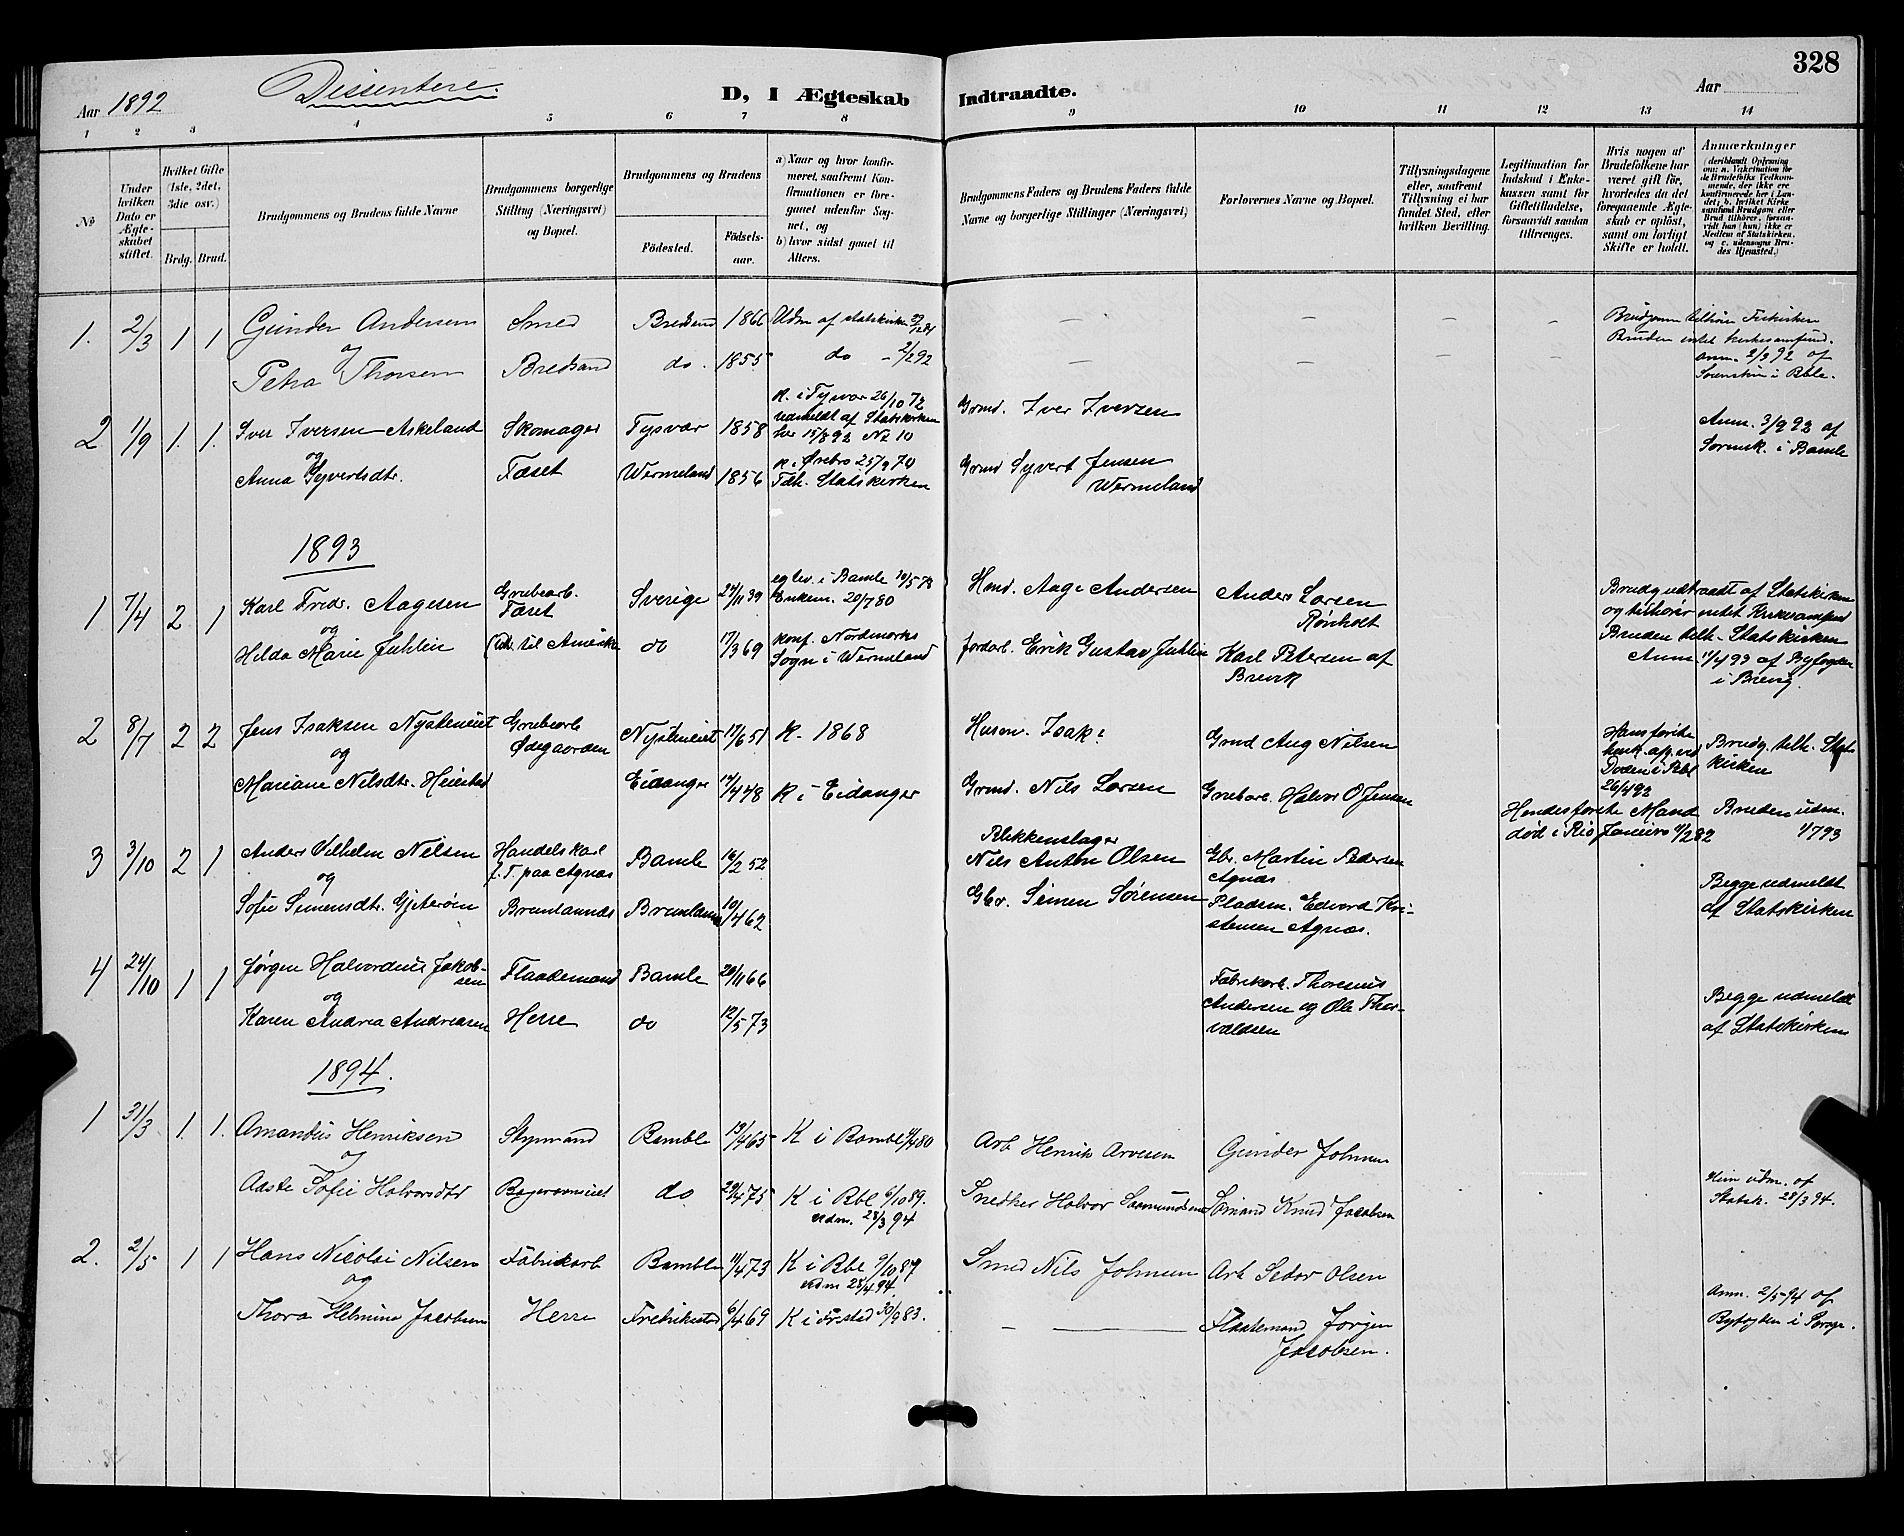 SAKO, Bamble kirkebøker, G/Ga/L0009: Klokkerbok nr. I 9, 1888-1900, s. 328